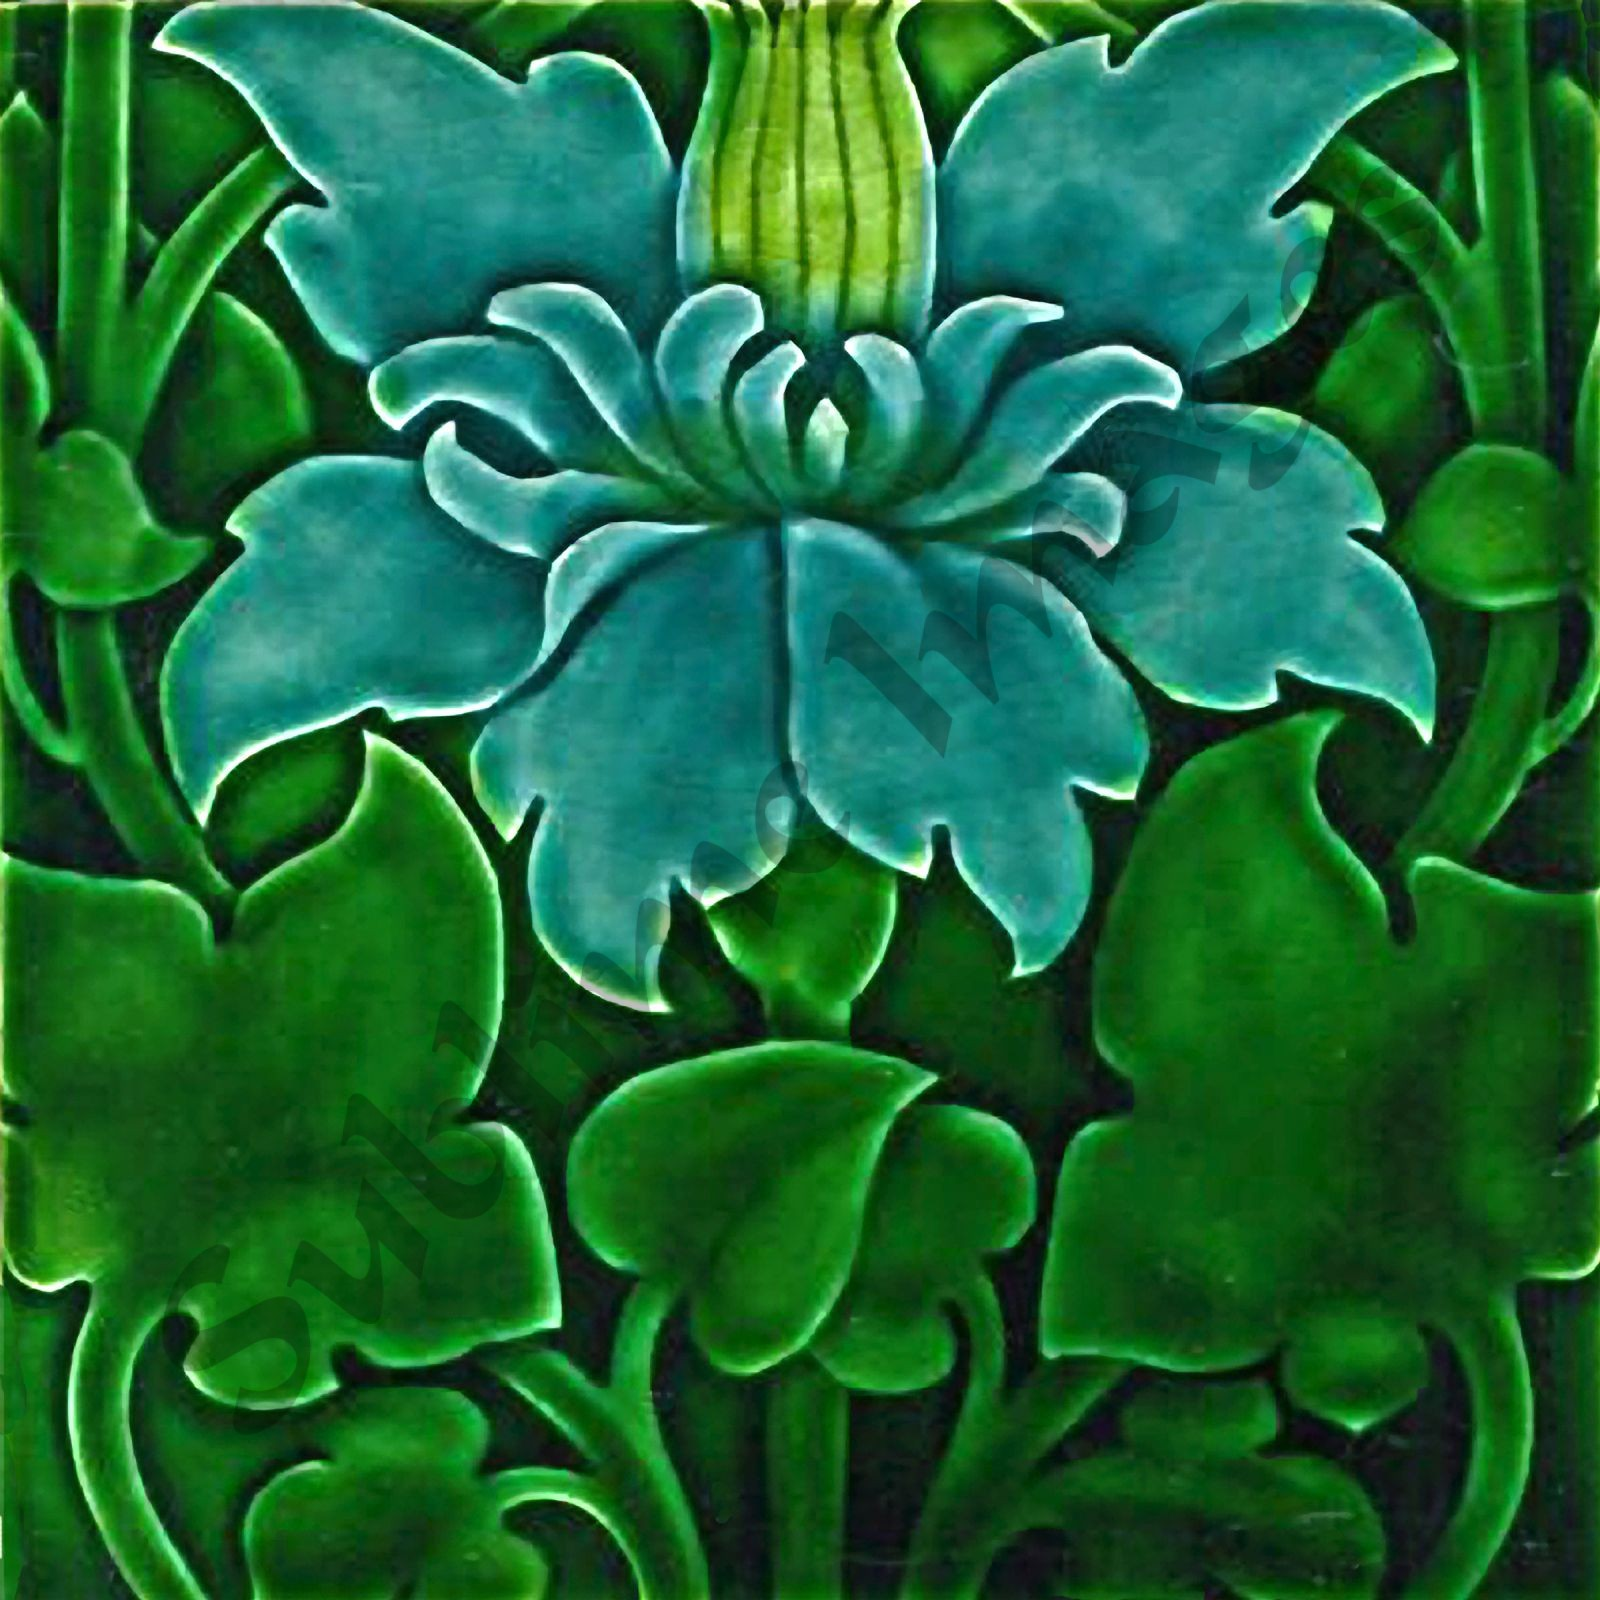 an039 art nouveau backsplash tiles reproduction ceramic or glass tiles